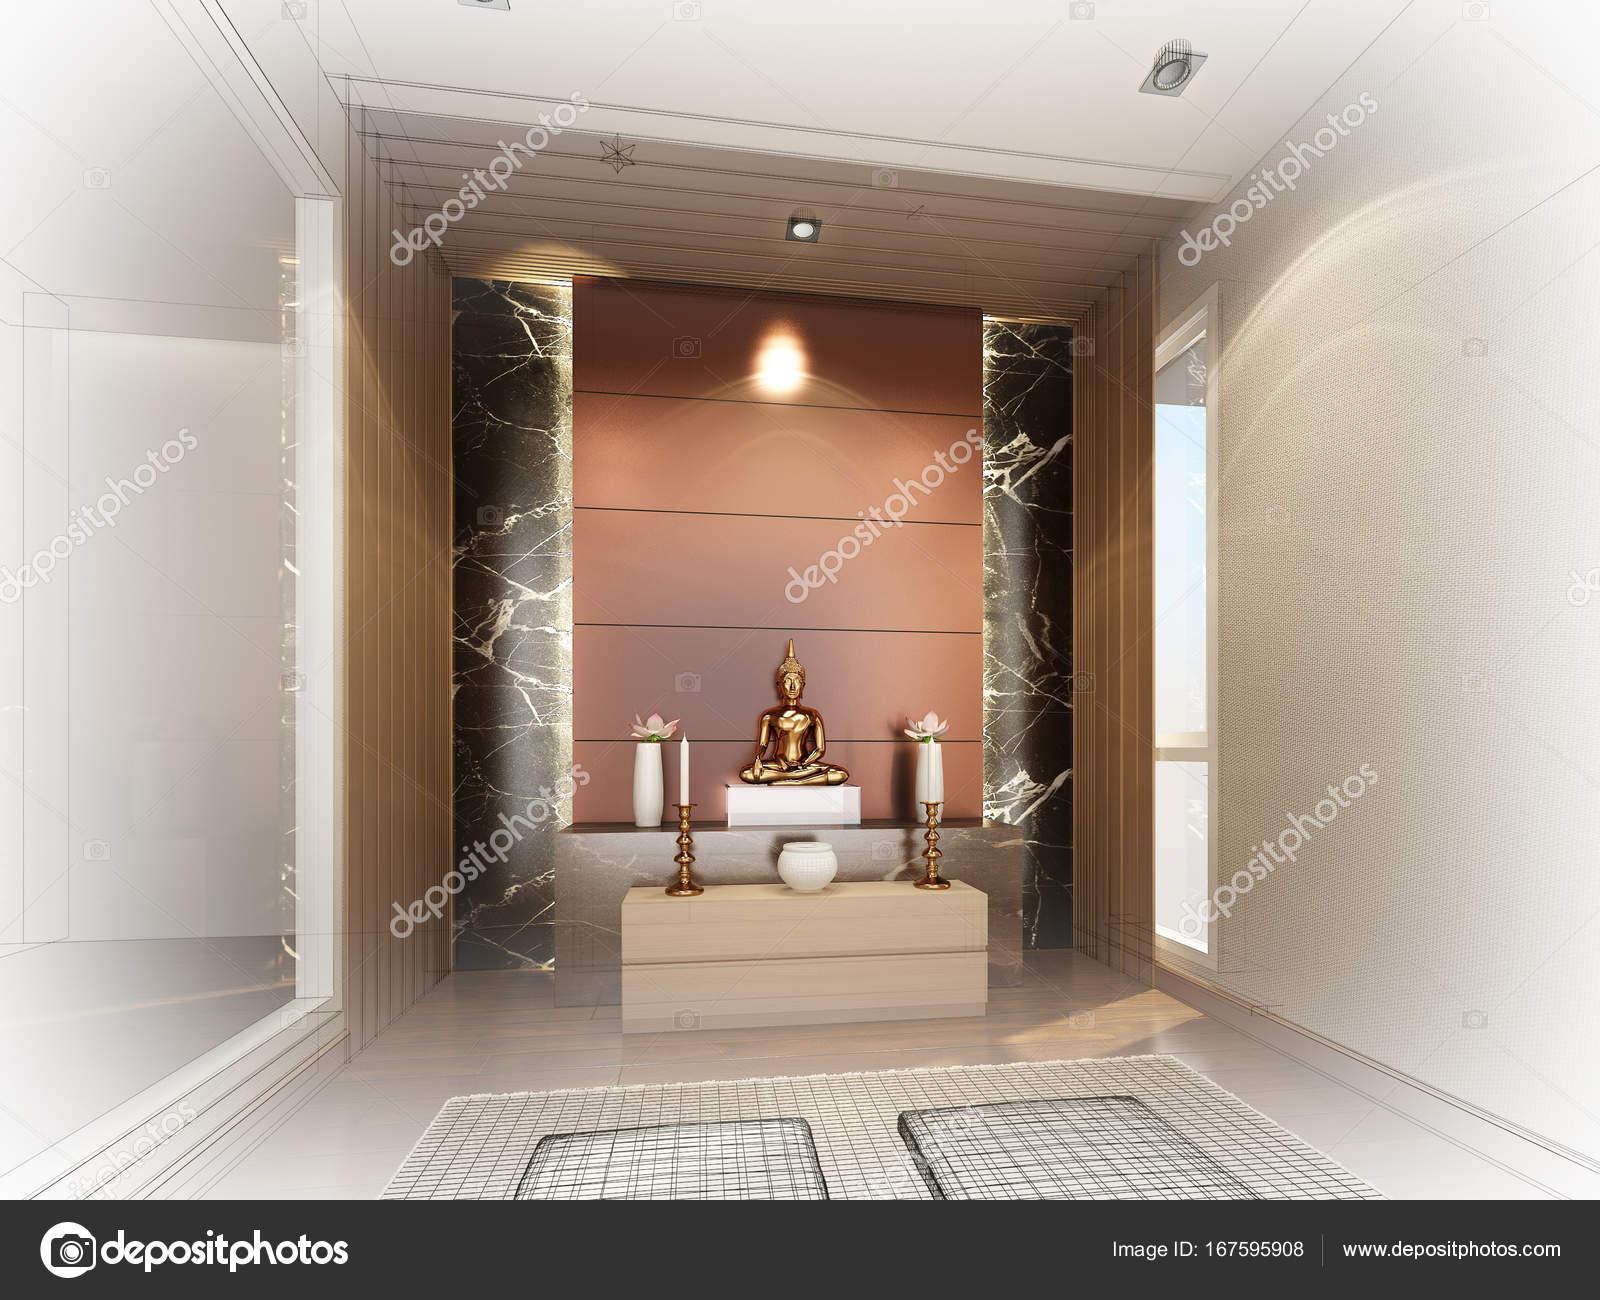 https://st3.depositphotos.com/2805411/16759/i/1600/depositphotos_167595908-stockafbeelding-schets-ontwerp-van-interieur-buddha.jpg